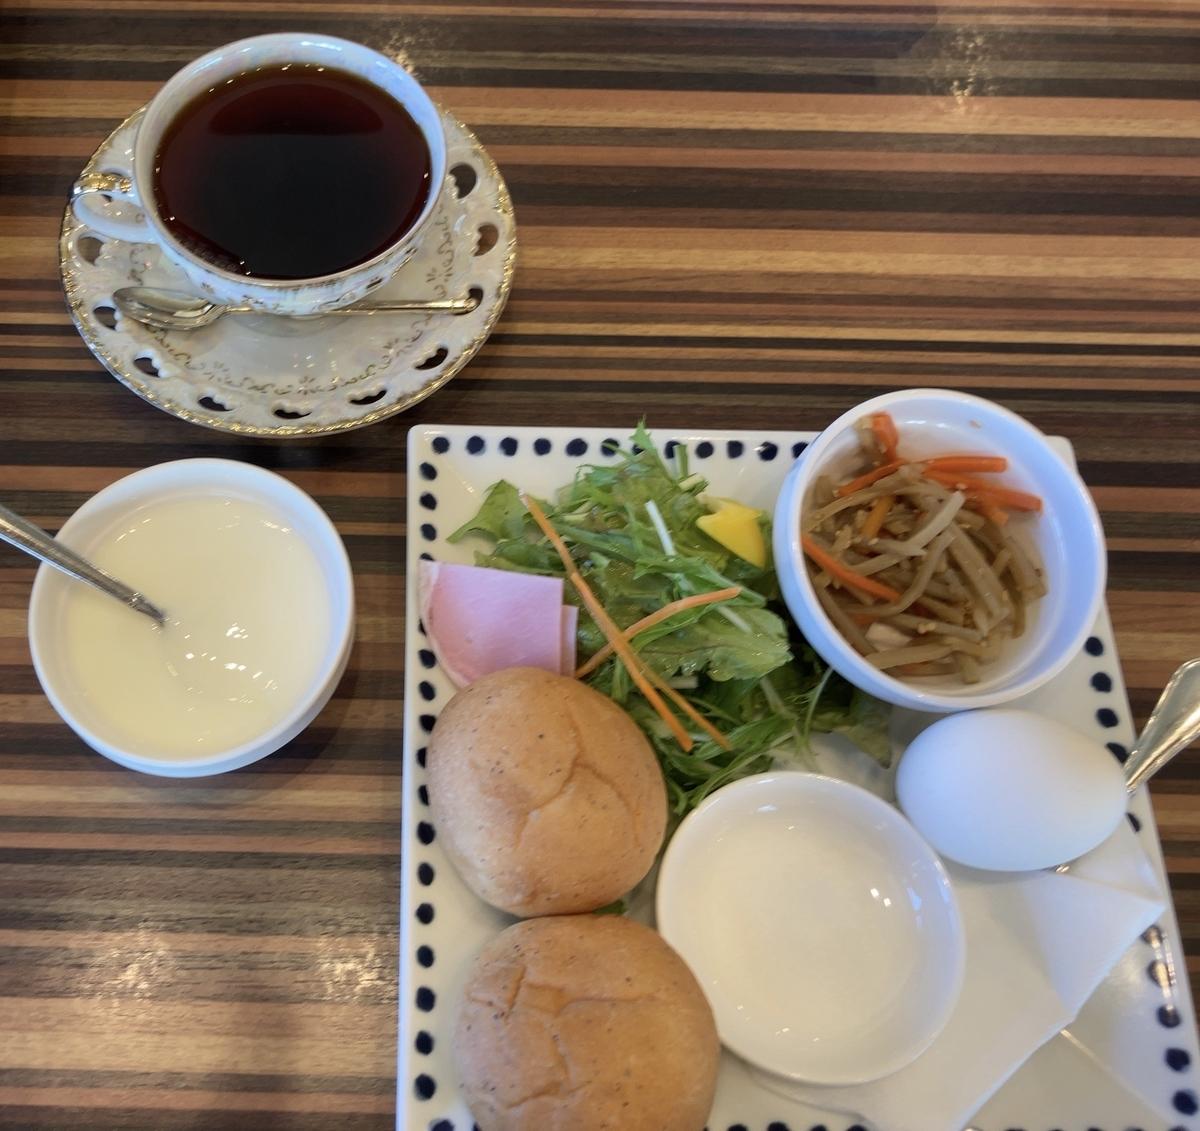 新潟県三条市の「王様の珈琲」でモーニングを食べてきた